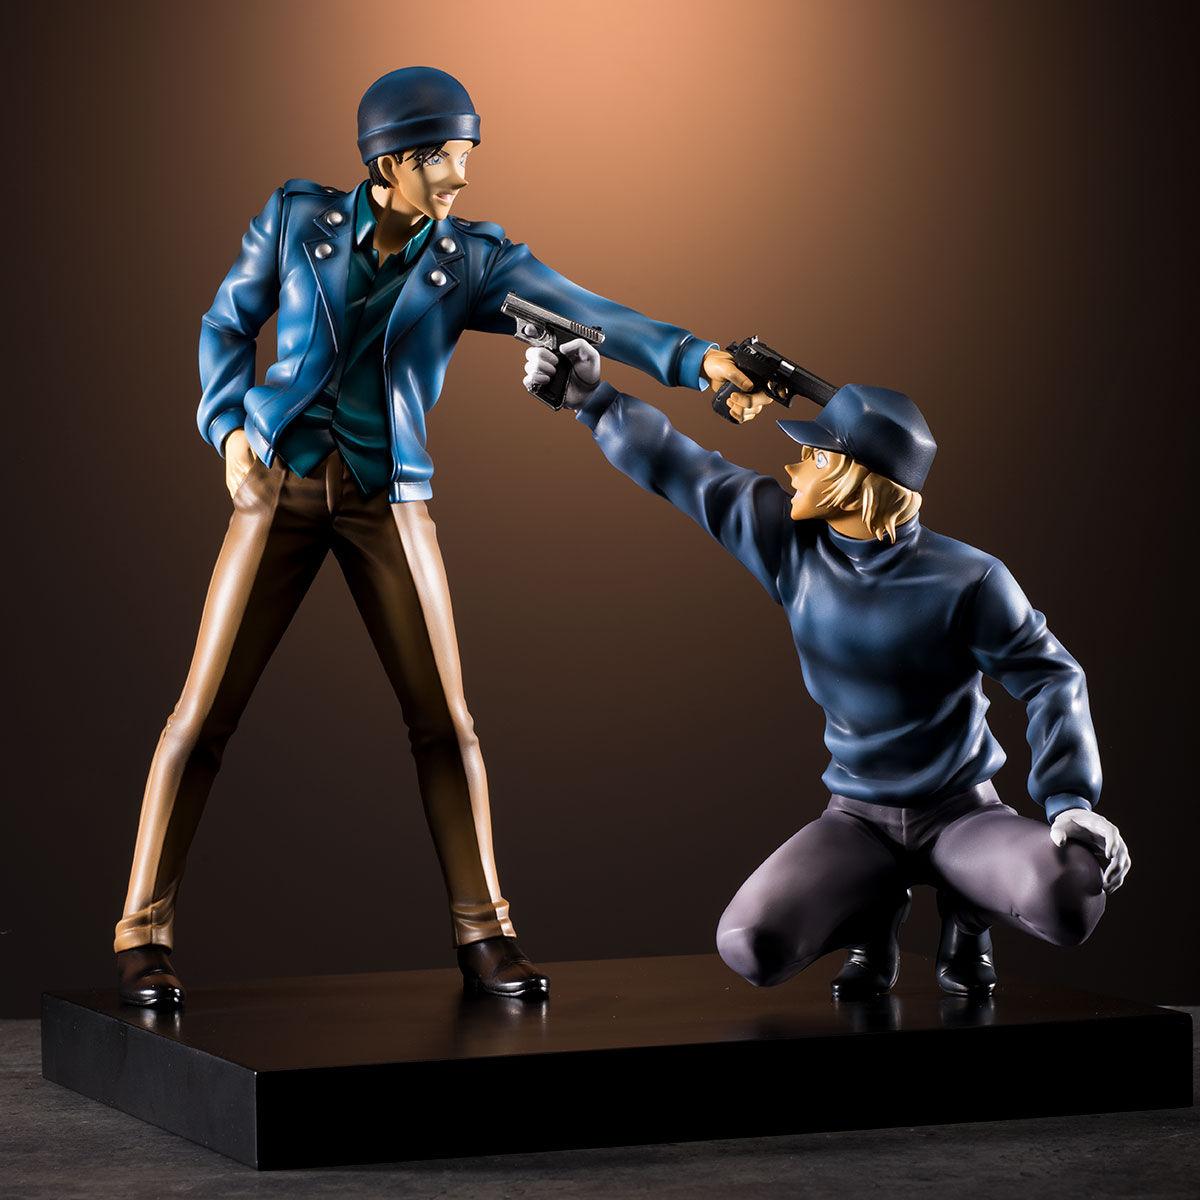 【限定販売】名探偵コナン『DETECTIVE VOICE FIGURE 赤井秀一VSバーボン』完成品フィギュア-002